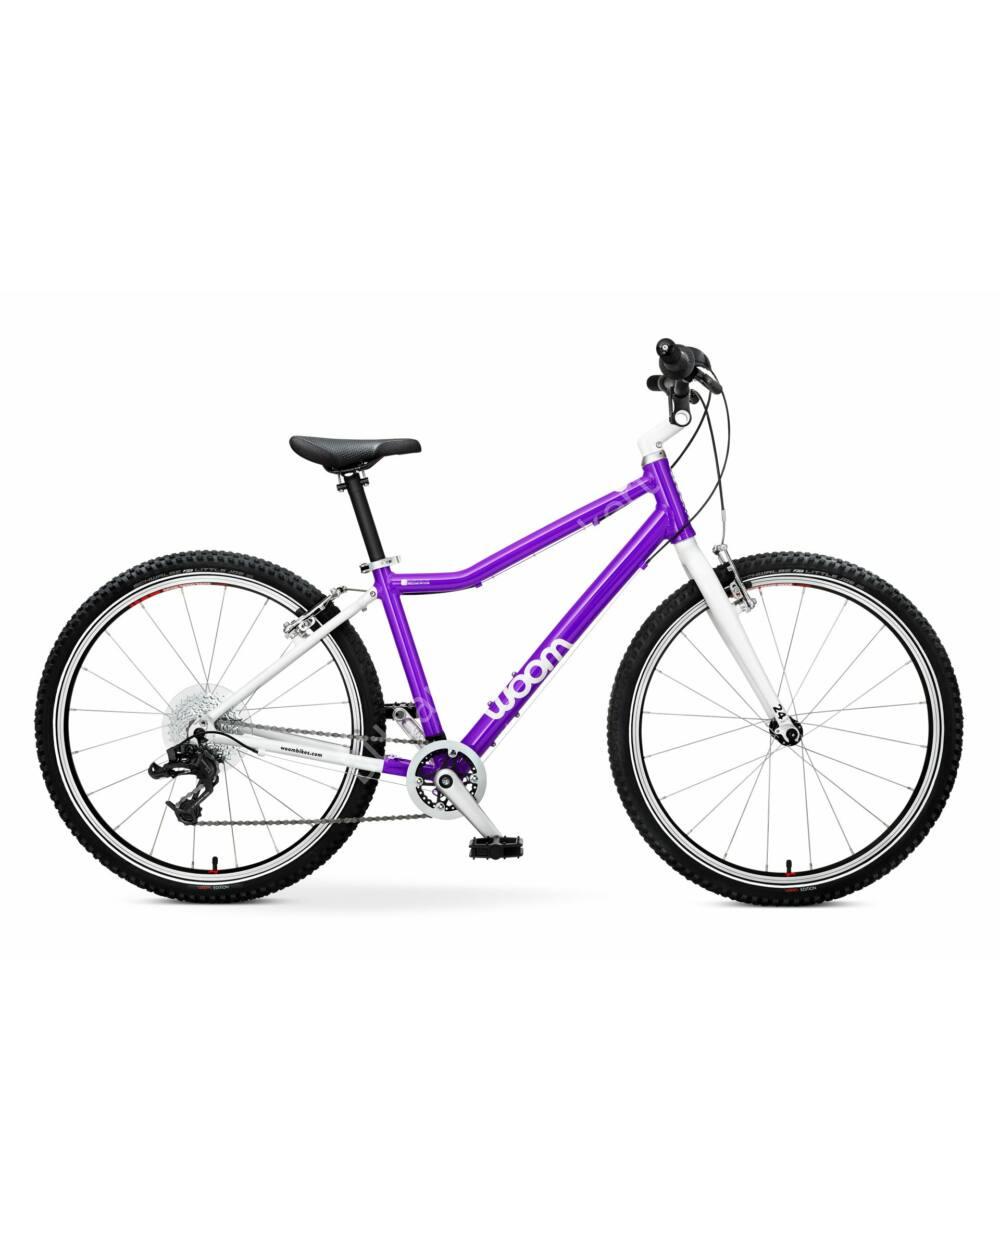 """Woom 5 lila 24"""" gyerek kerékpár, 125-145 cm testmagasság, 8.2kg"""